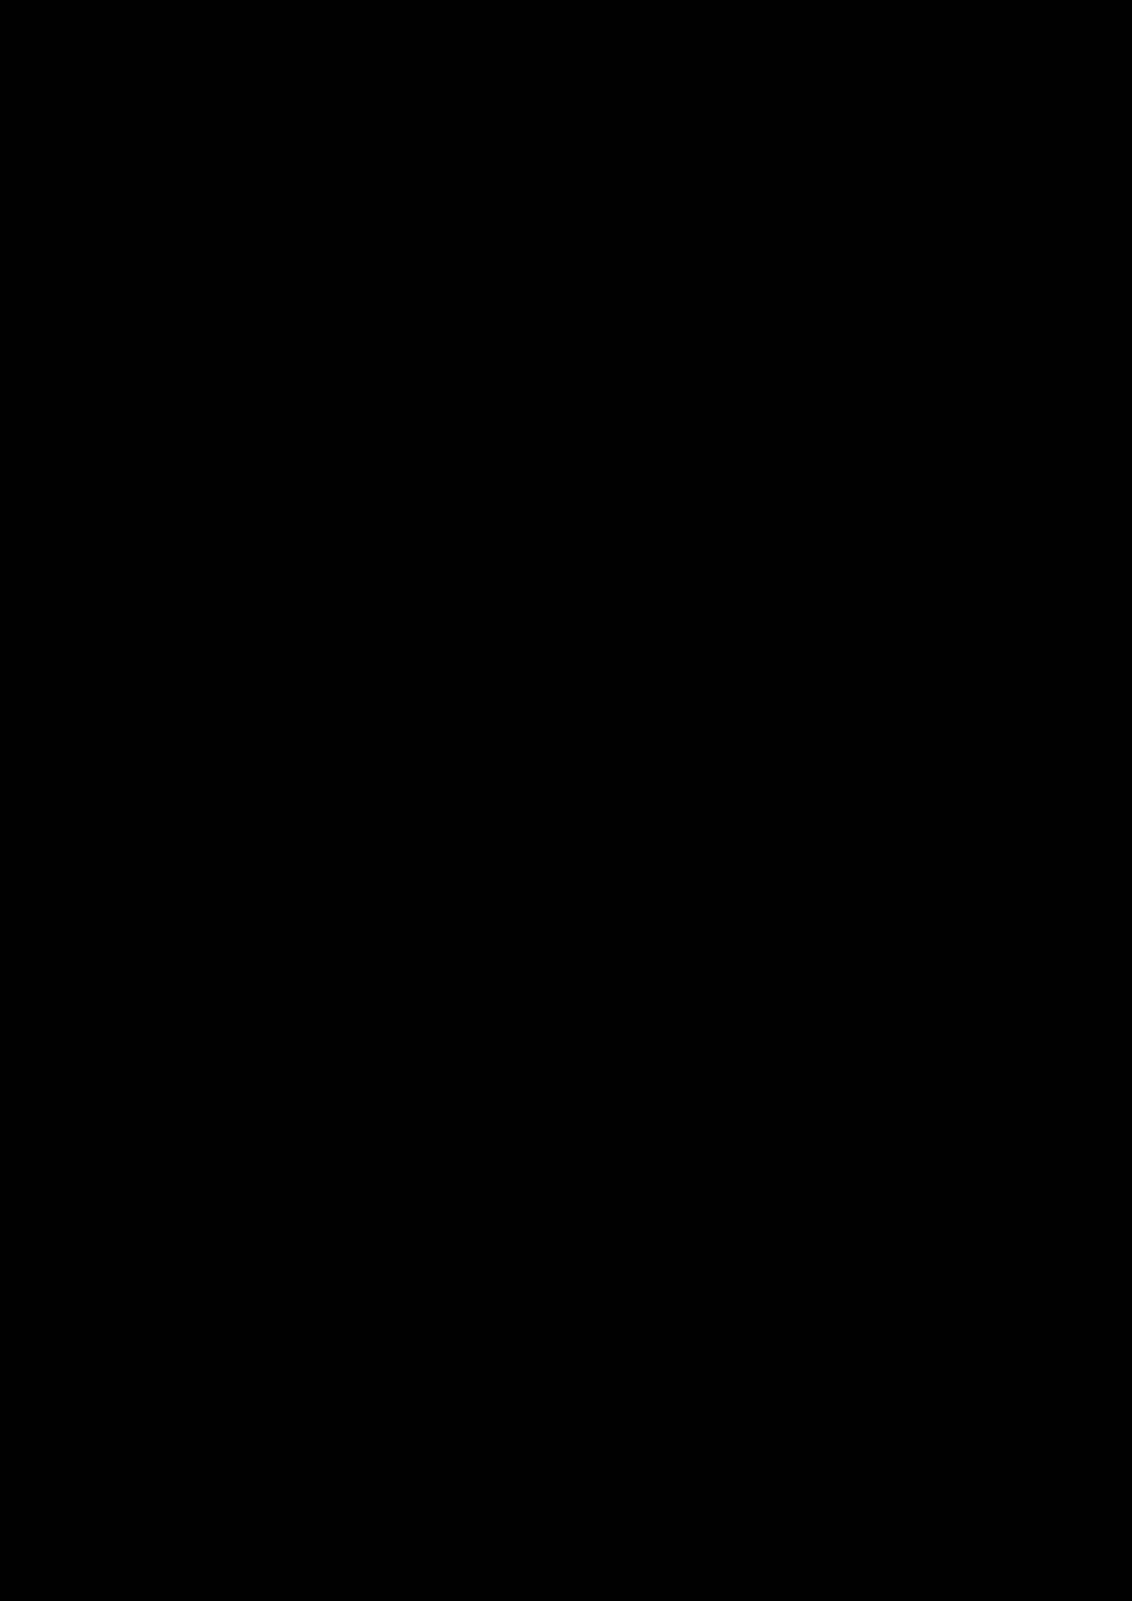 Zagadka volshebnoy stranyi slide, Image 87